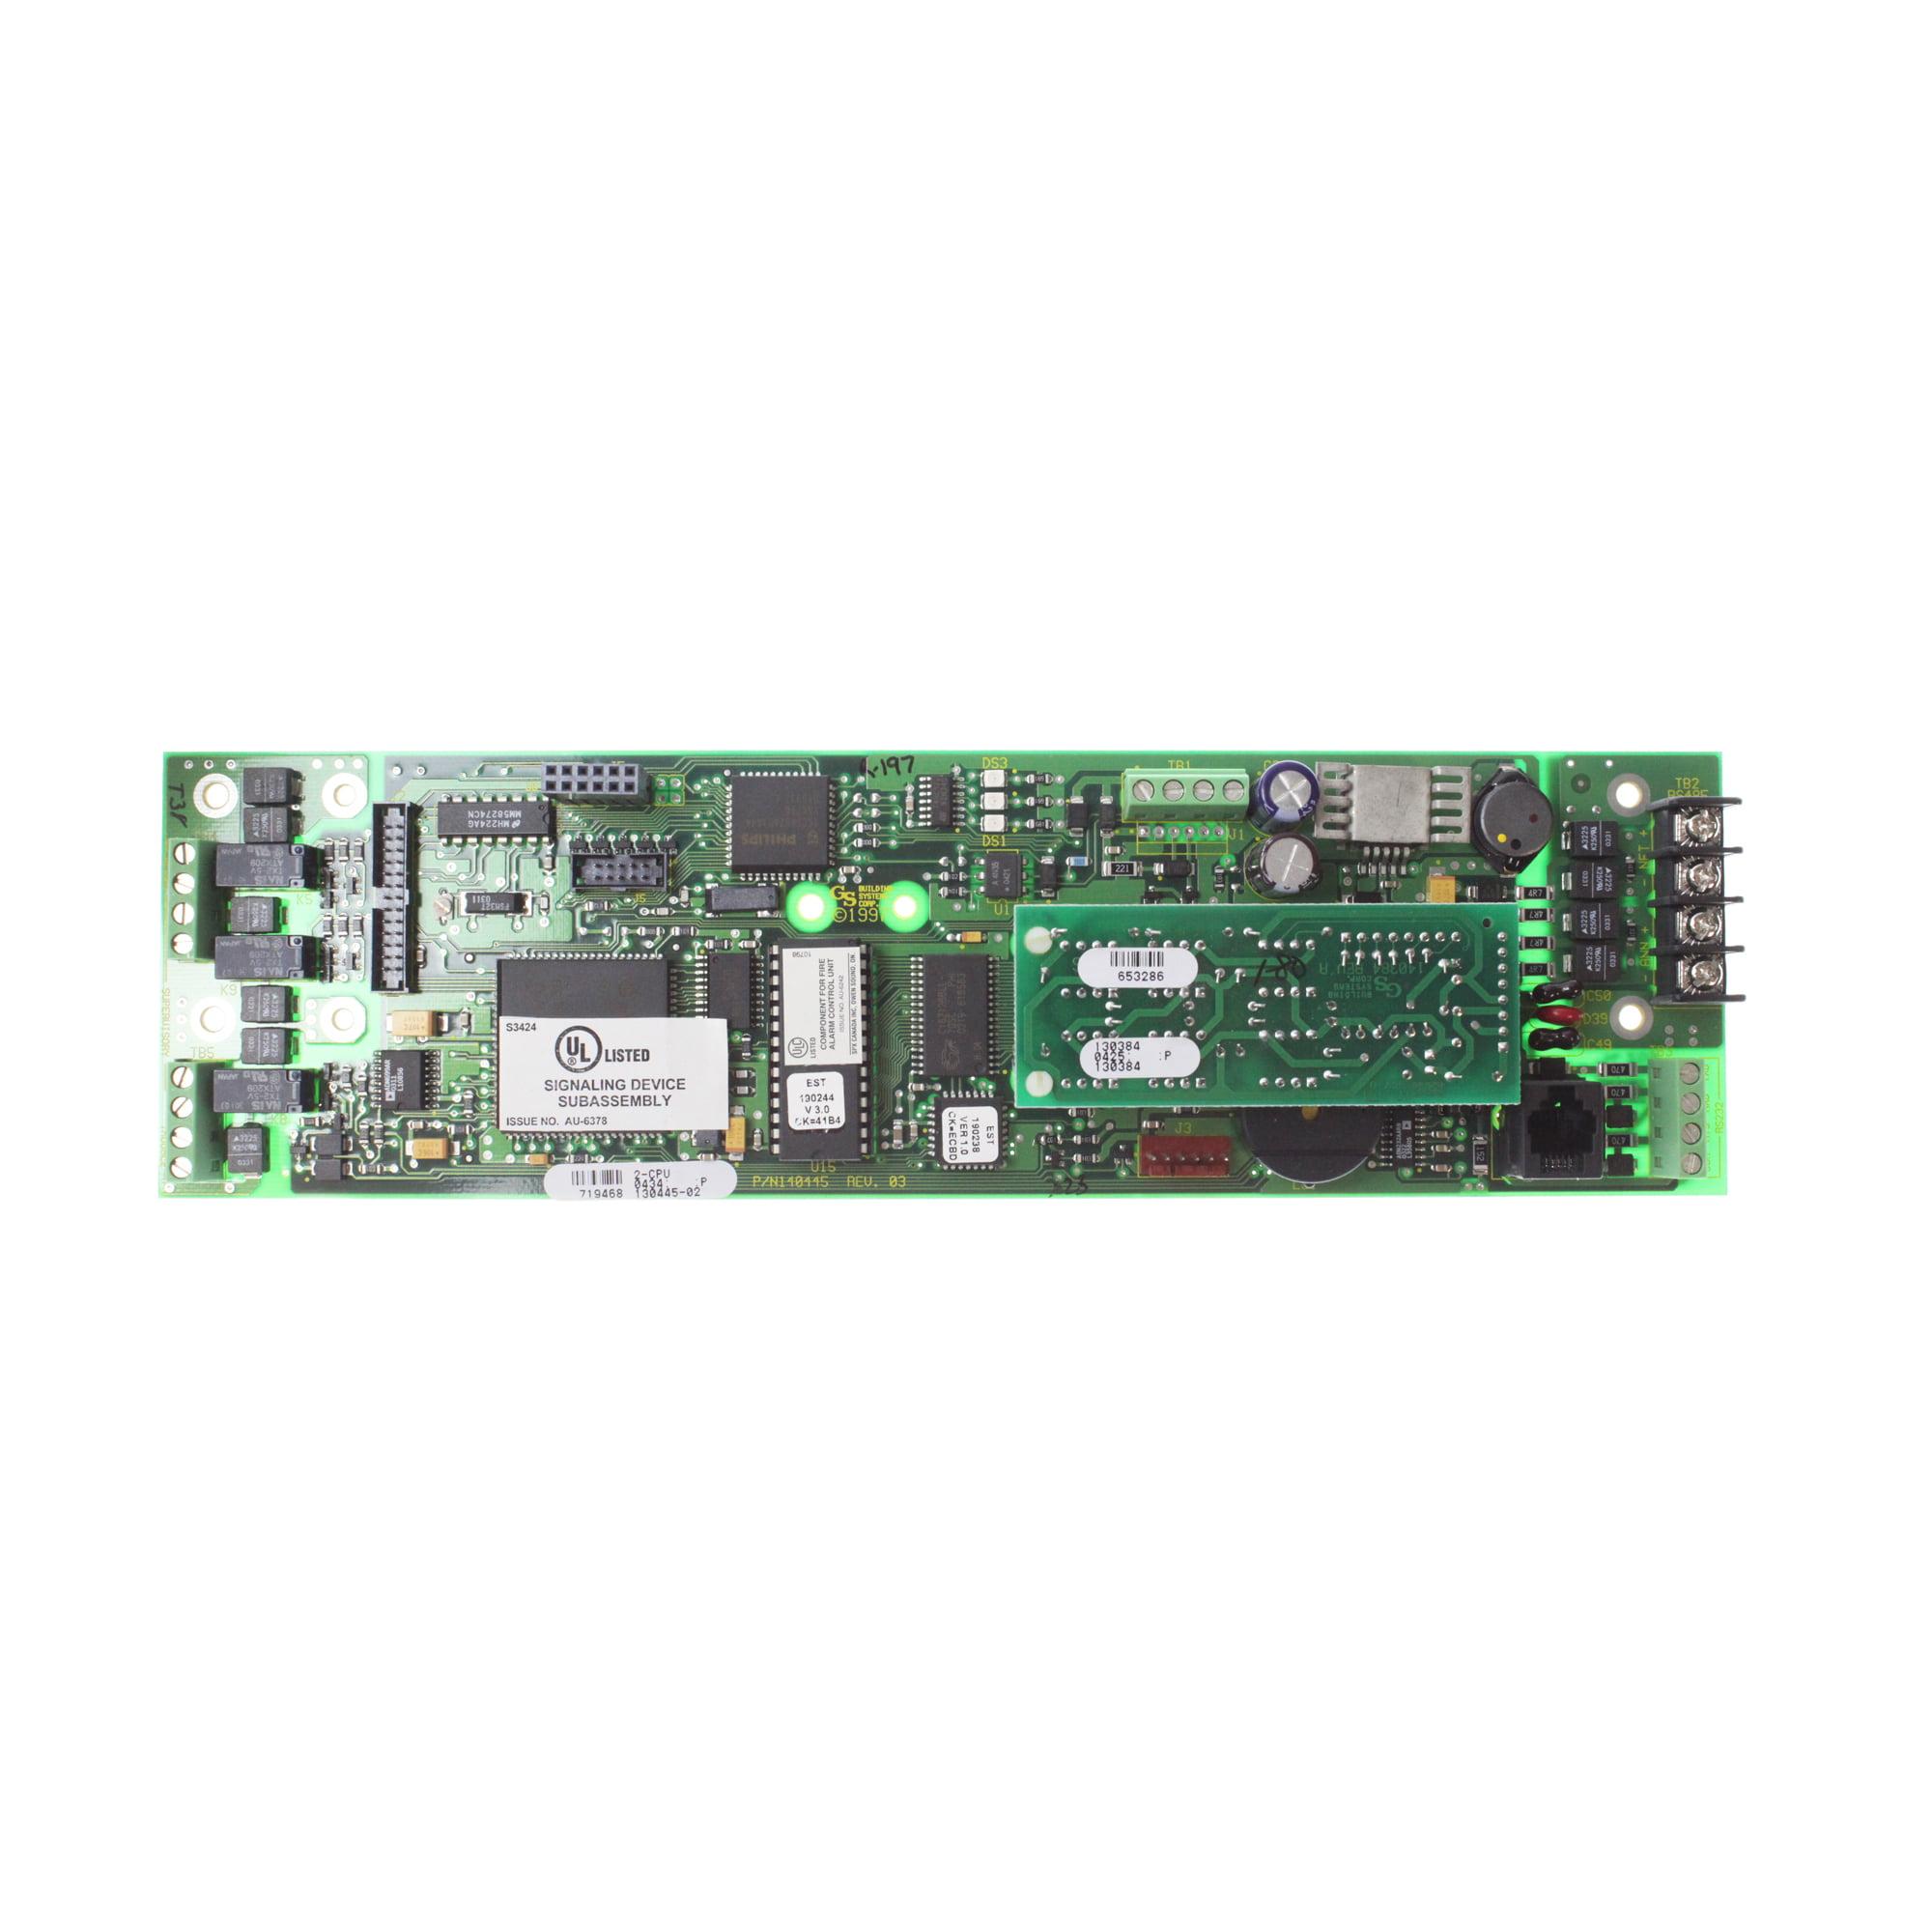 EST 2-CPU 387469 Central Processor Unit FACP CPU Module, System 2 by Edwards System Technologies %28EST%29